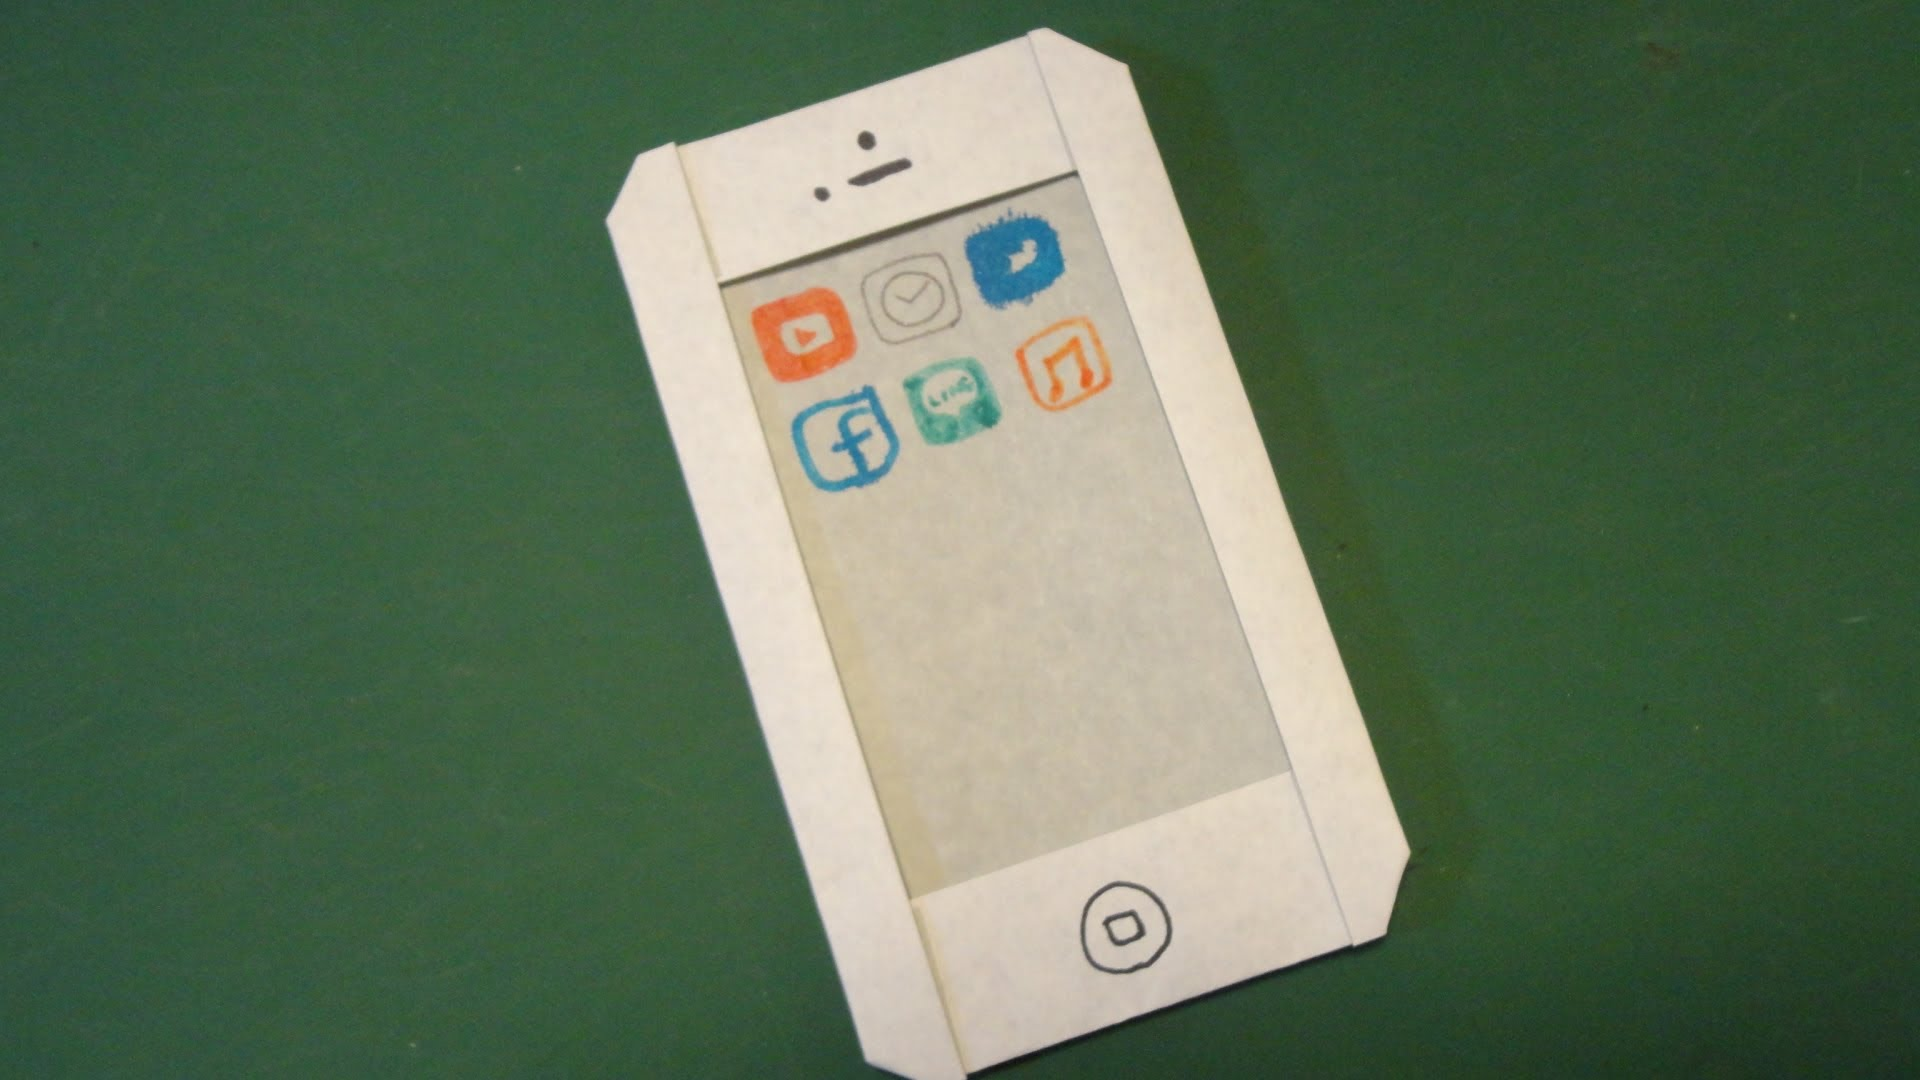 Cách gấp hình Iphone bằng giấy